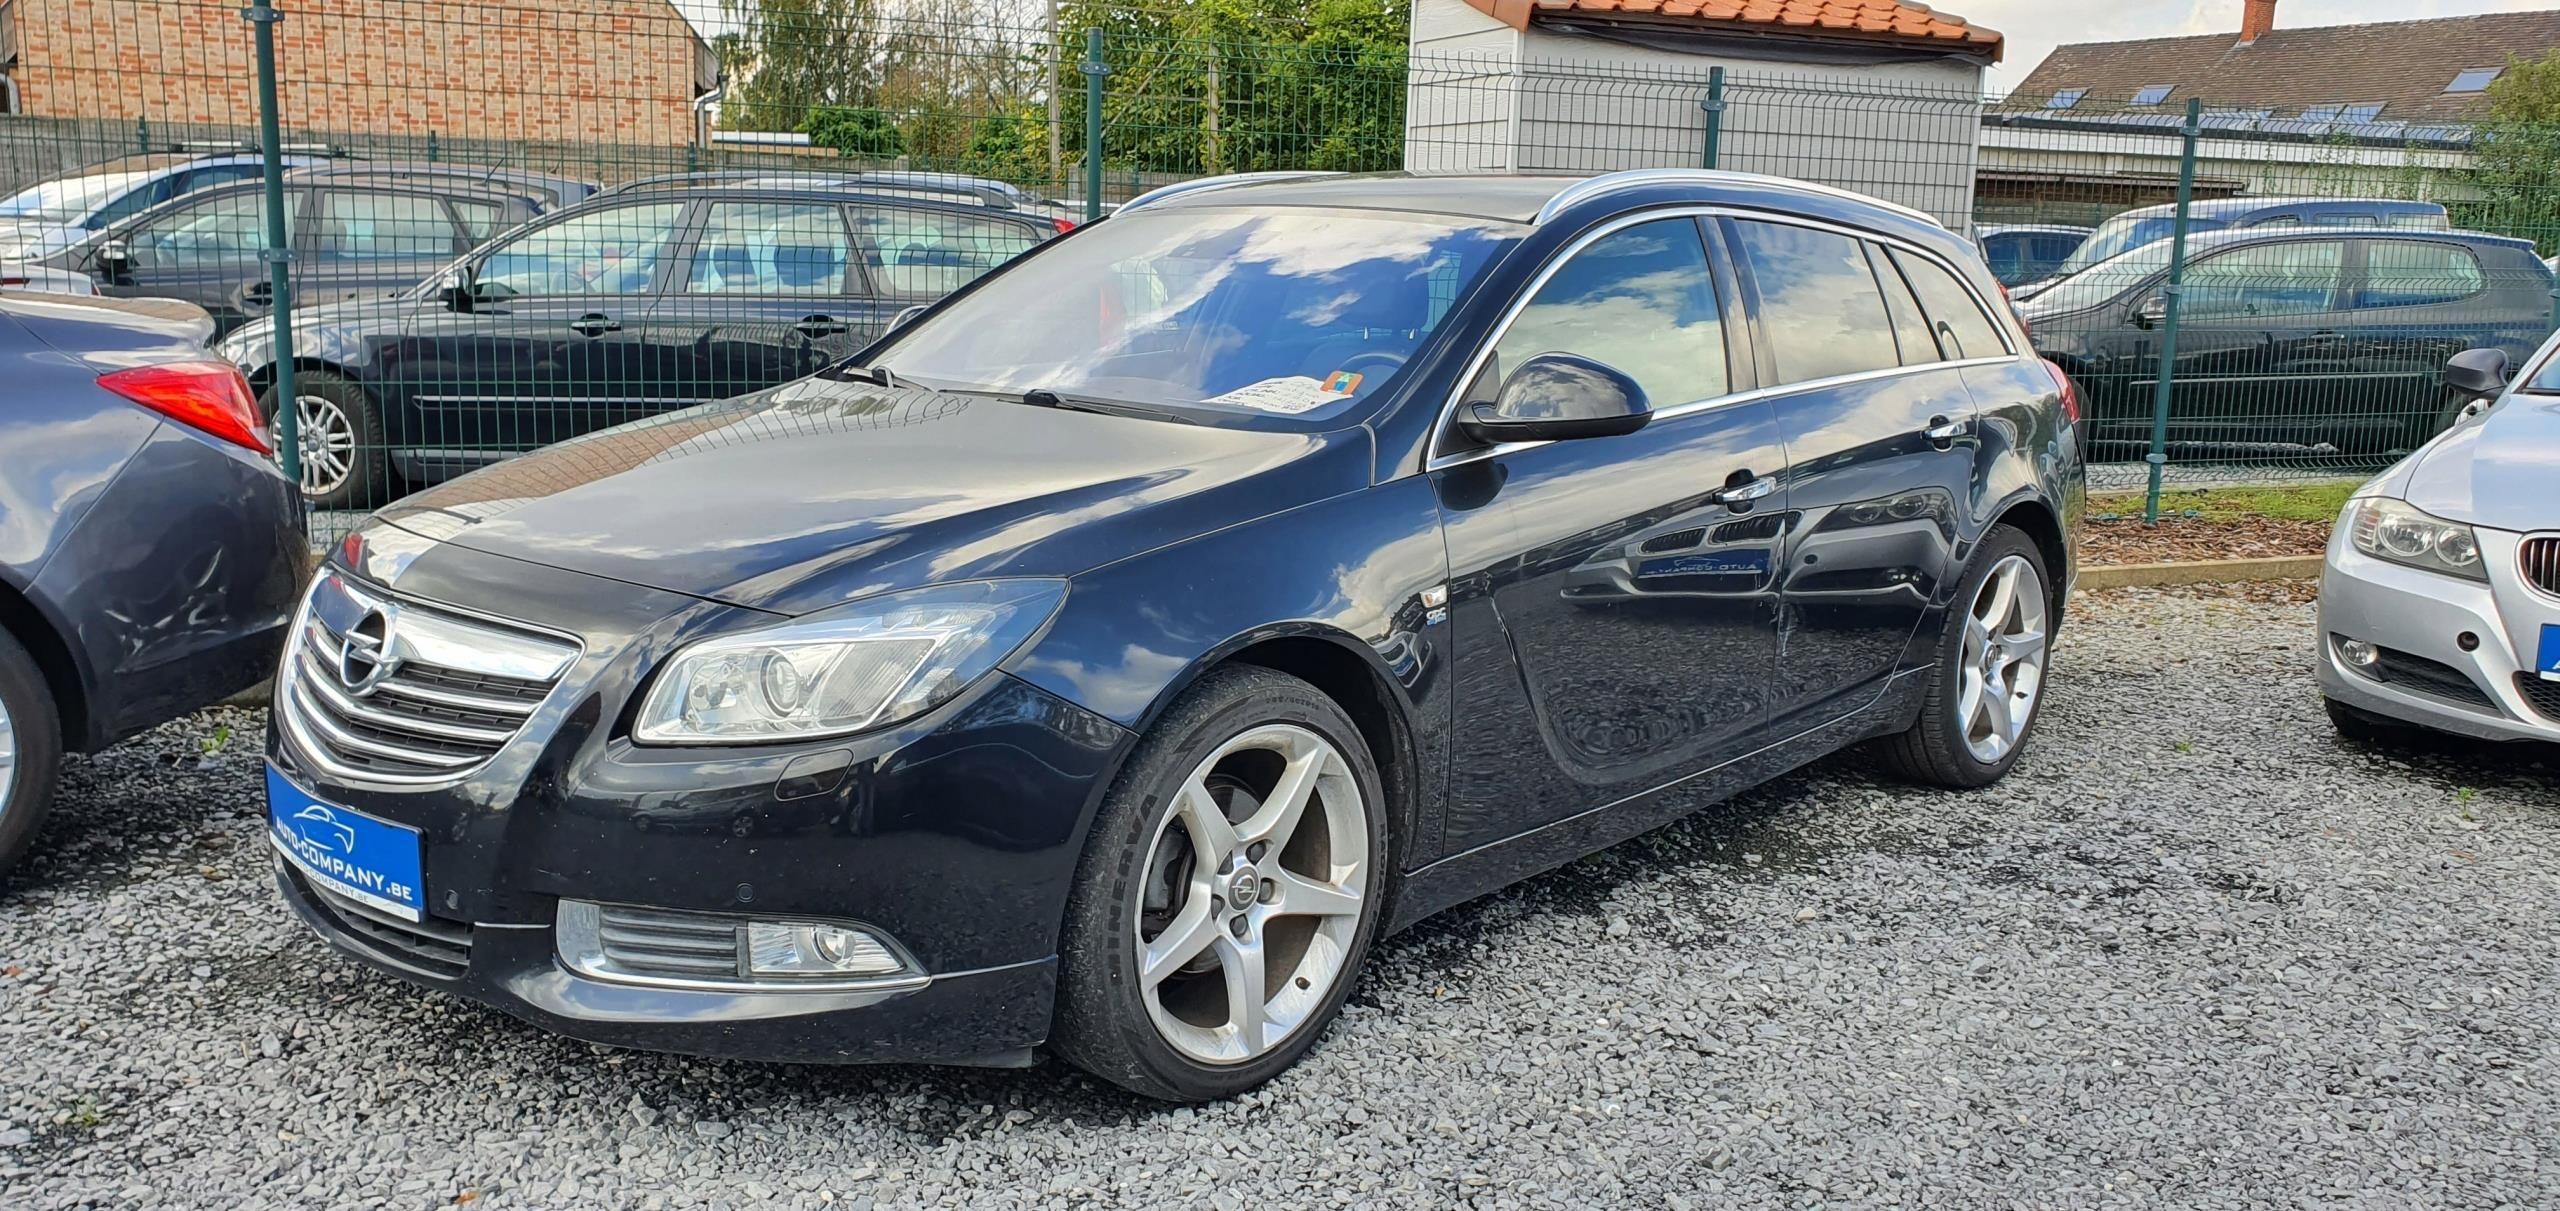 Opel Insignia Opc Wkrotce W Ofercie Opinie I Ceny Na Ceneo Pl